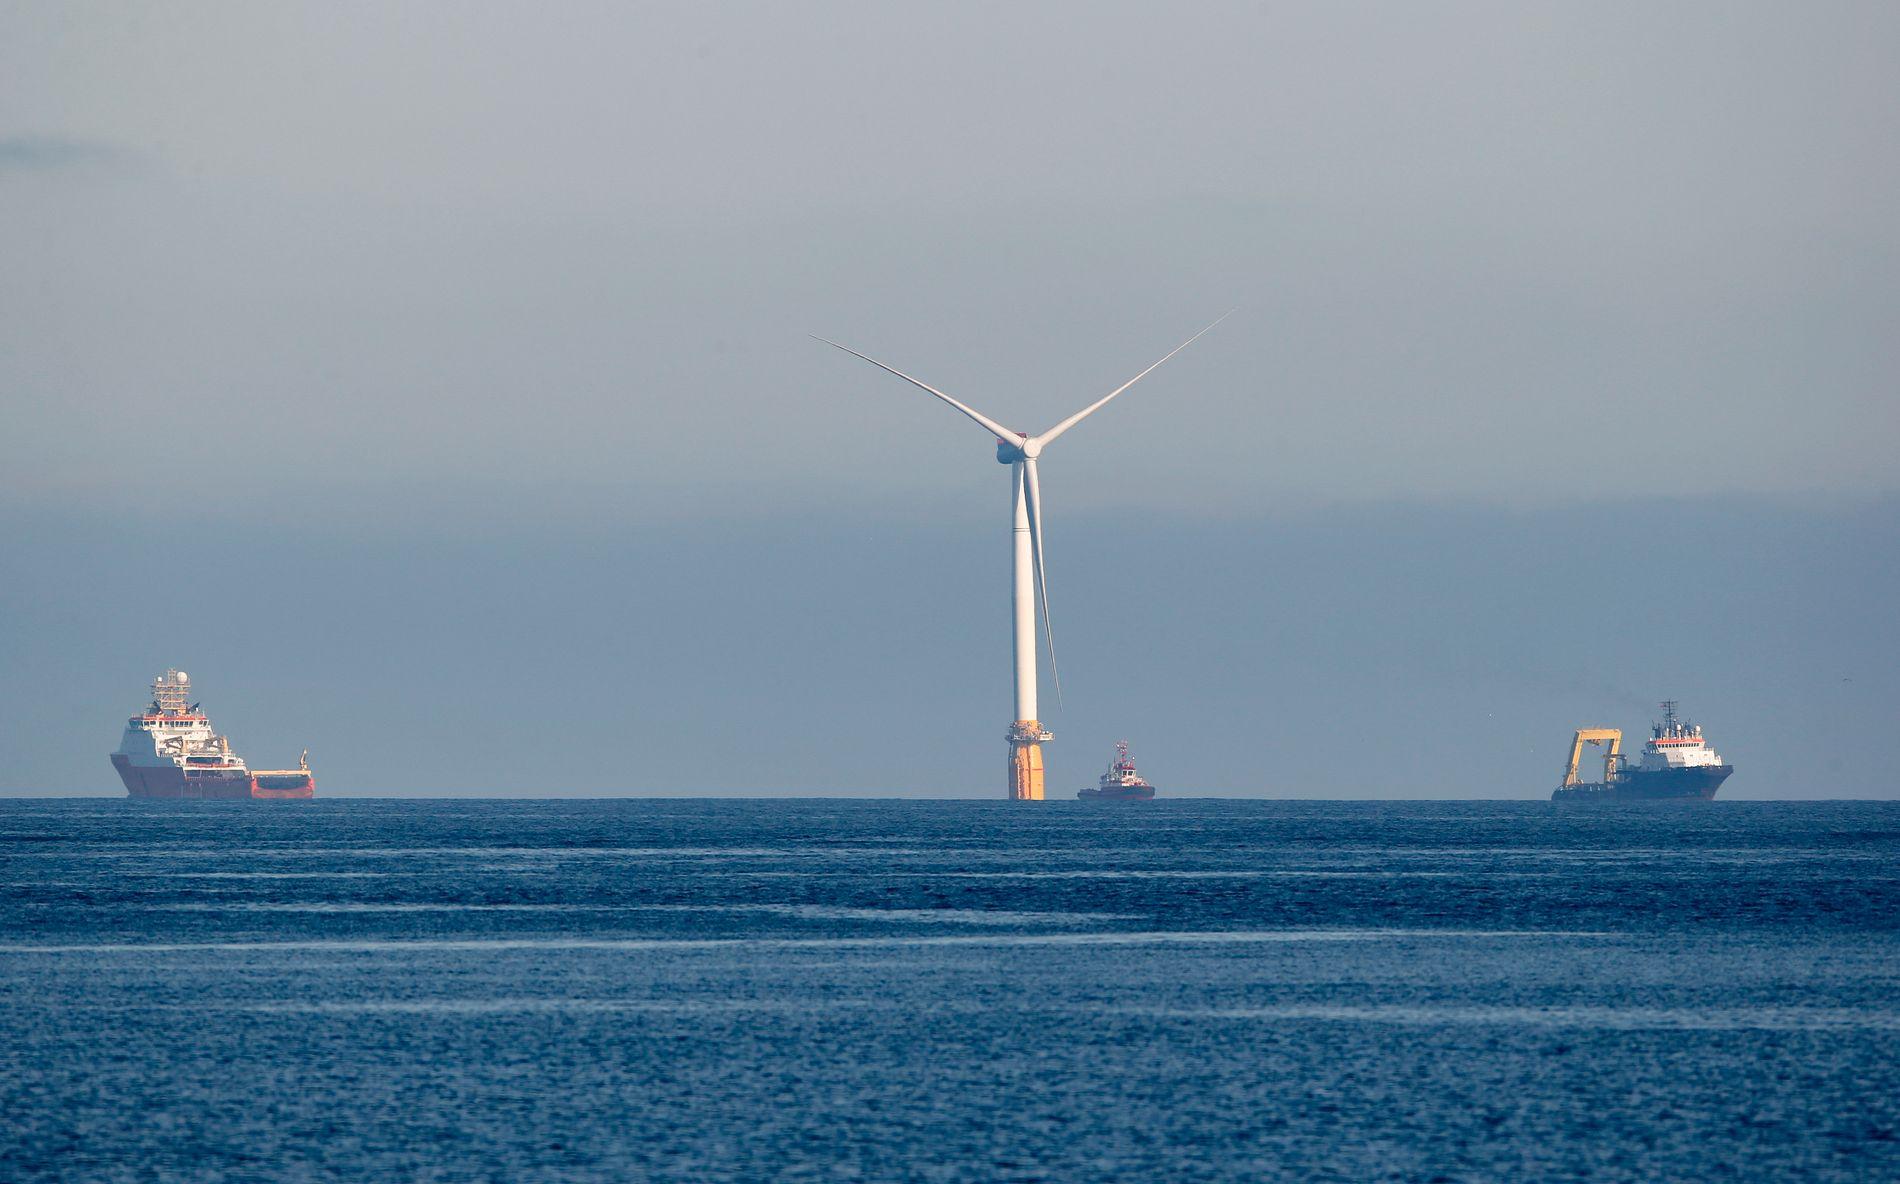 HAVVIND: Norske selskaper involvert i havvindprosjekter over hele verden. Dette er blitt en stor eksportnæring, som det er på tide av å høste fruktene av også her hjemme, skriver innsenderen.